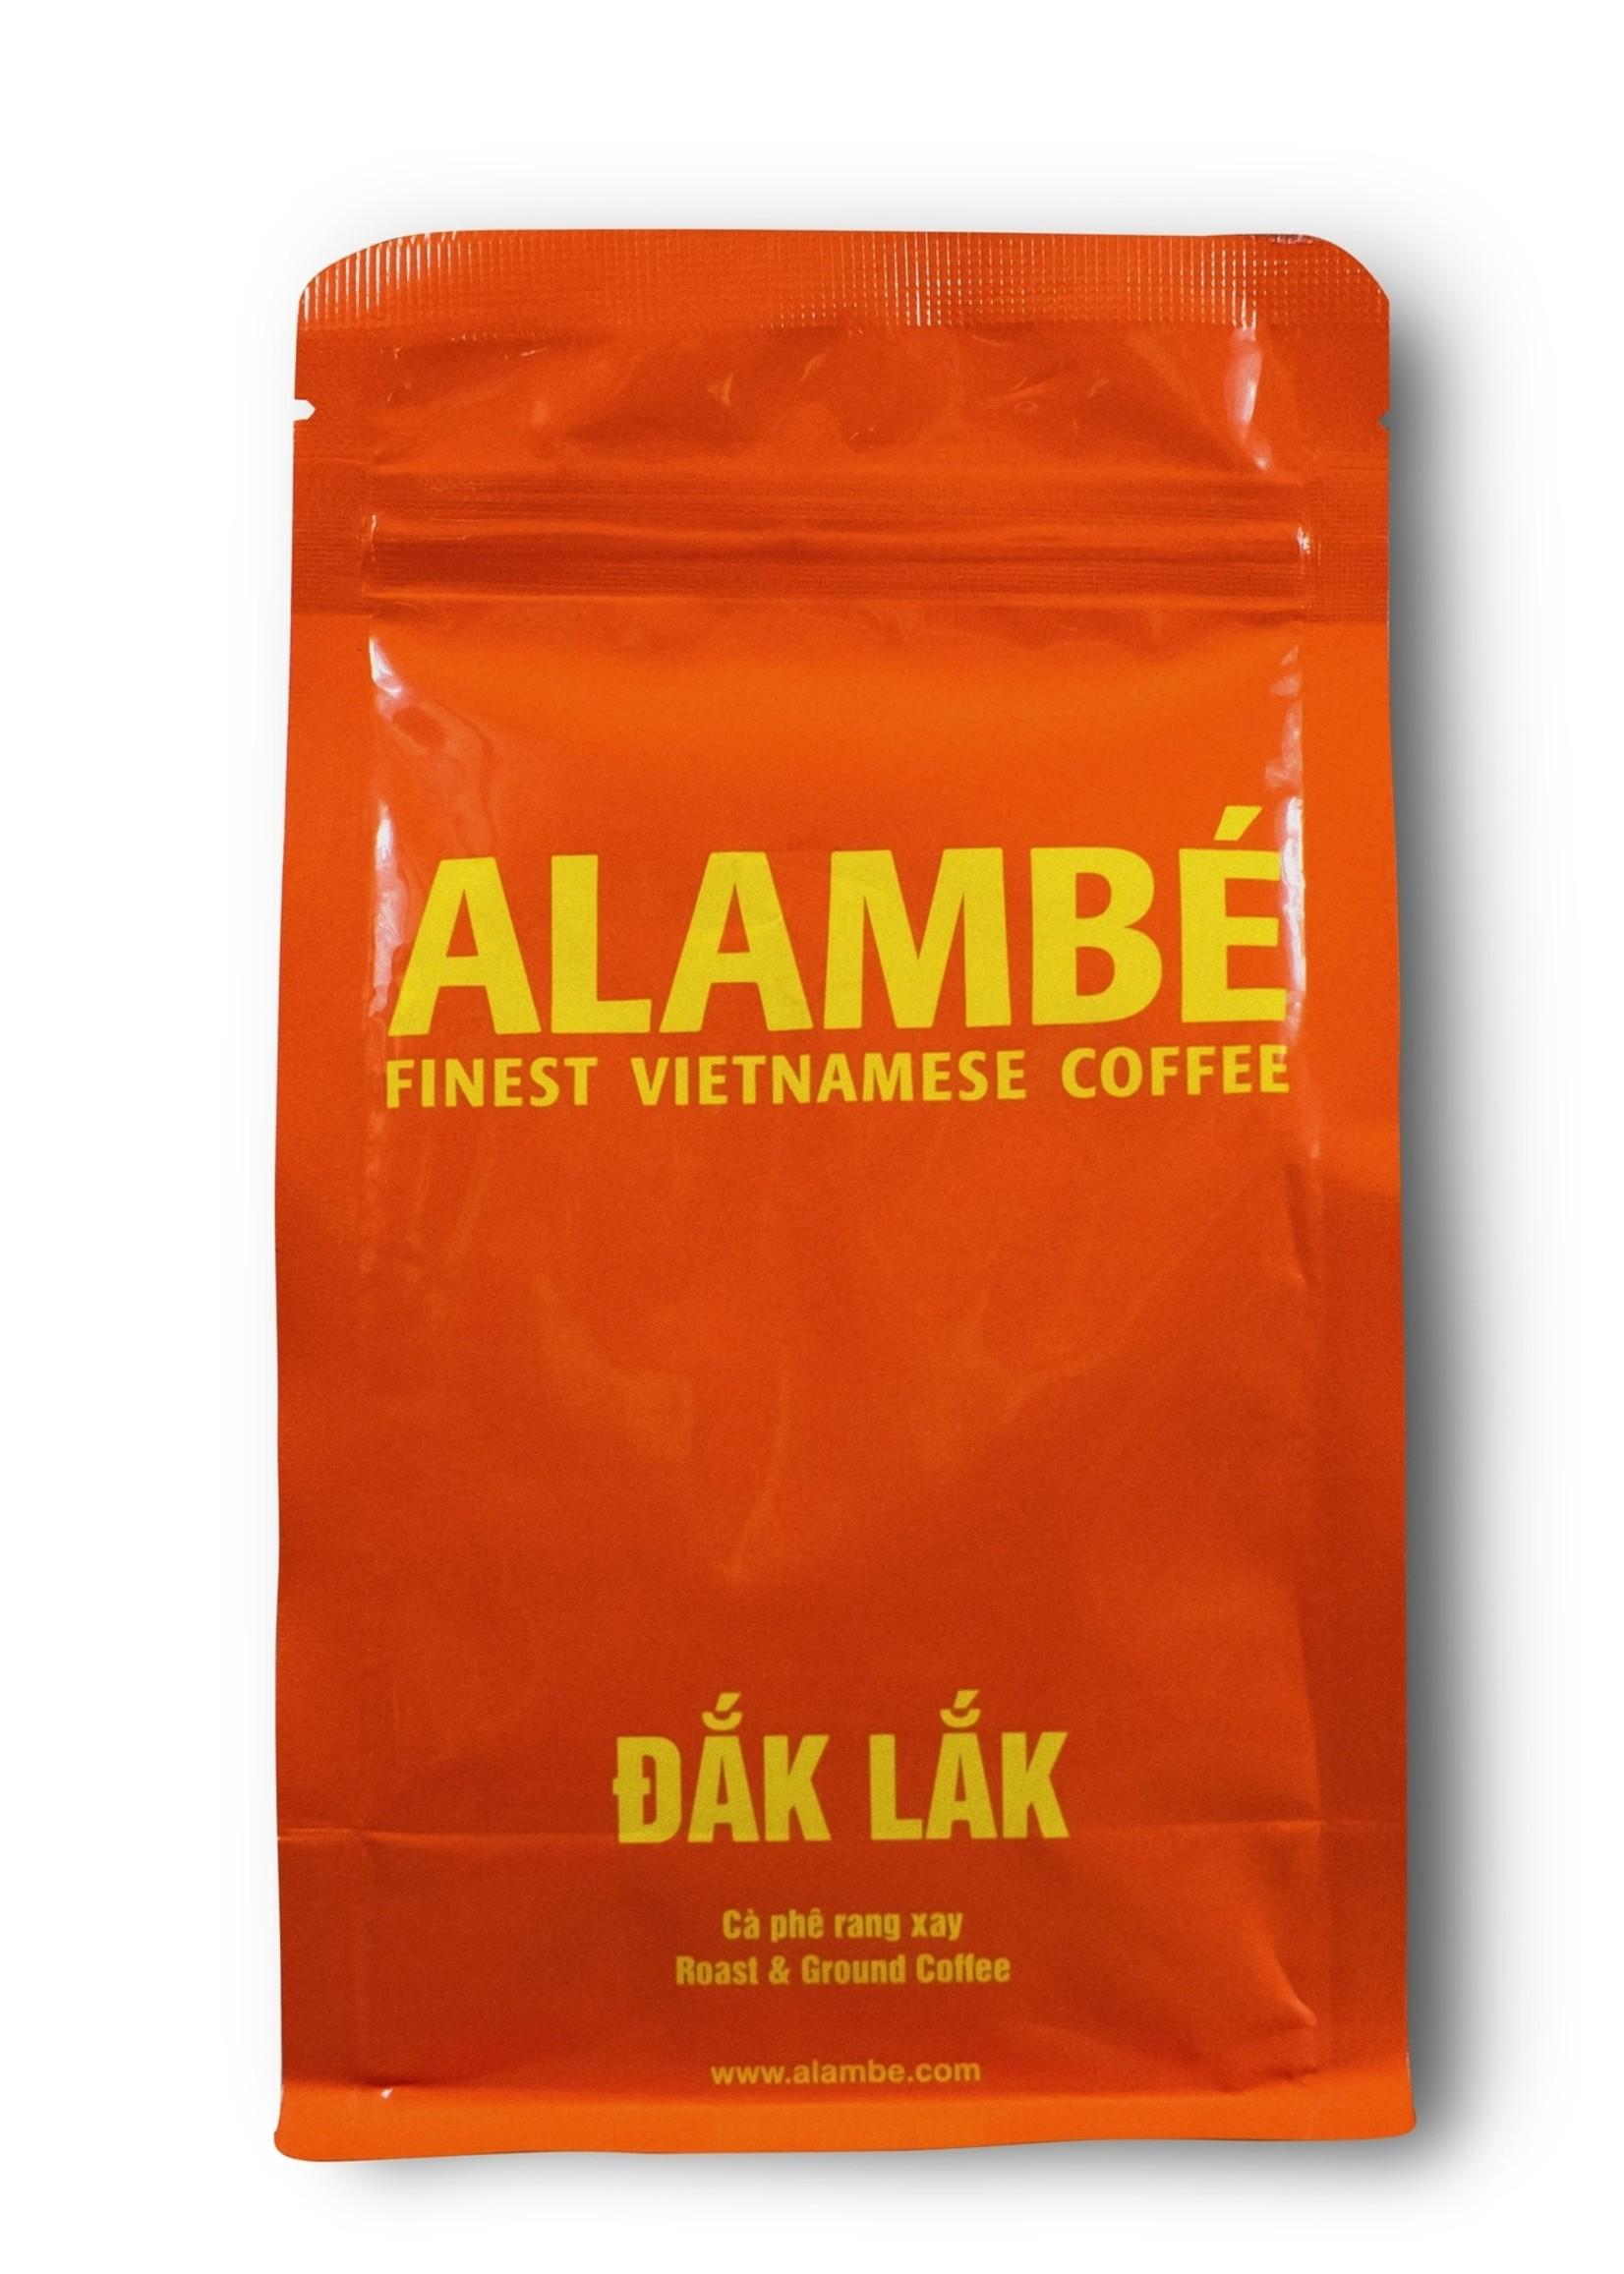 Alambé - Finest Vietnamese Coffee Dak Lak – 100% Robusta im traditionellen vietnamesischen Stil (230g gemahlen)